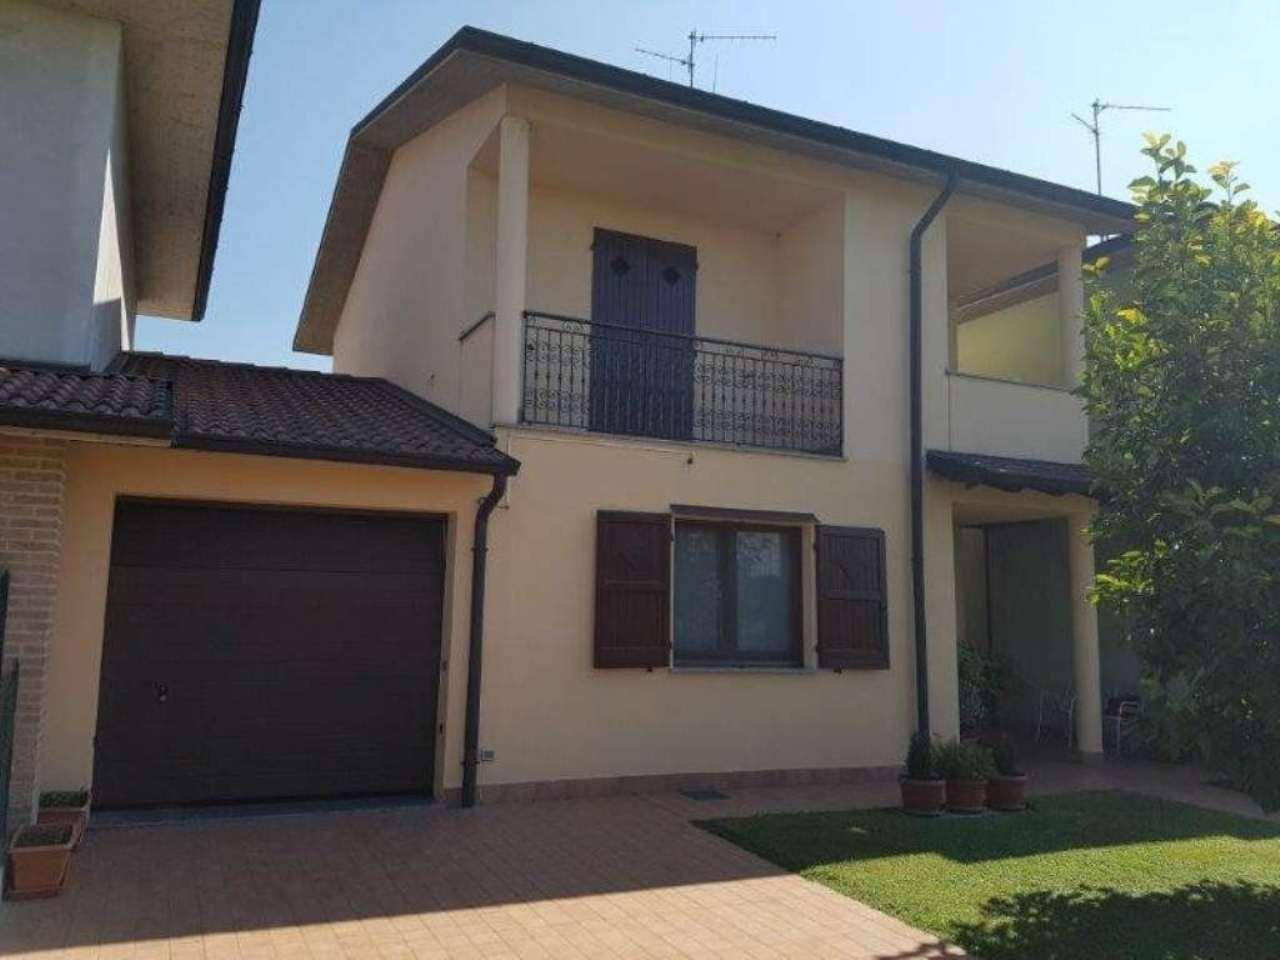 Villa in vendita a Cremosano, 4 locali, prezzo € 215.000 | CambioCasa.it